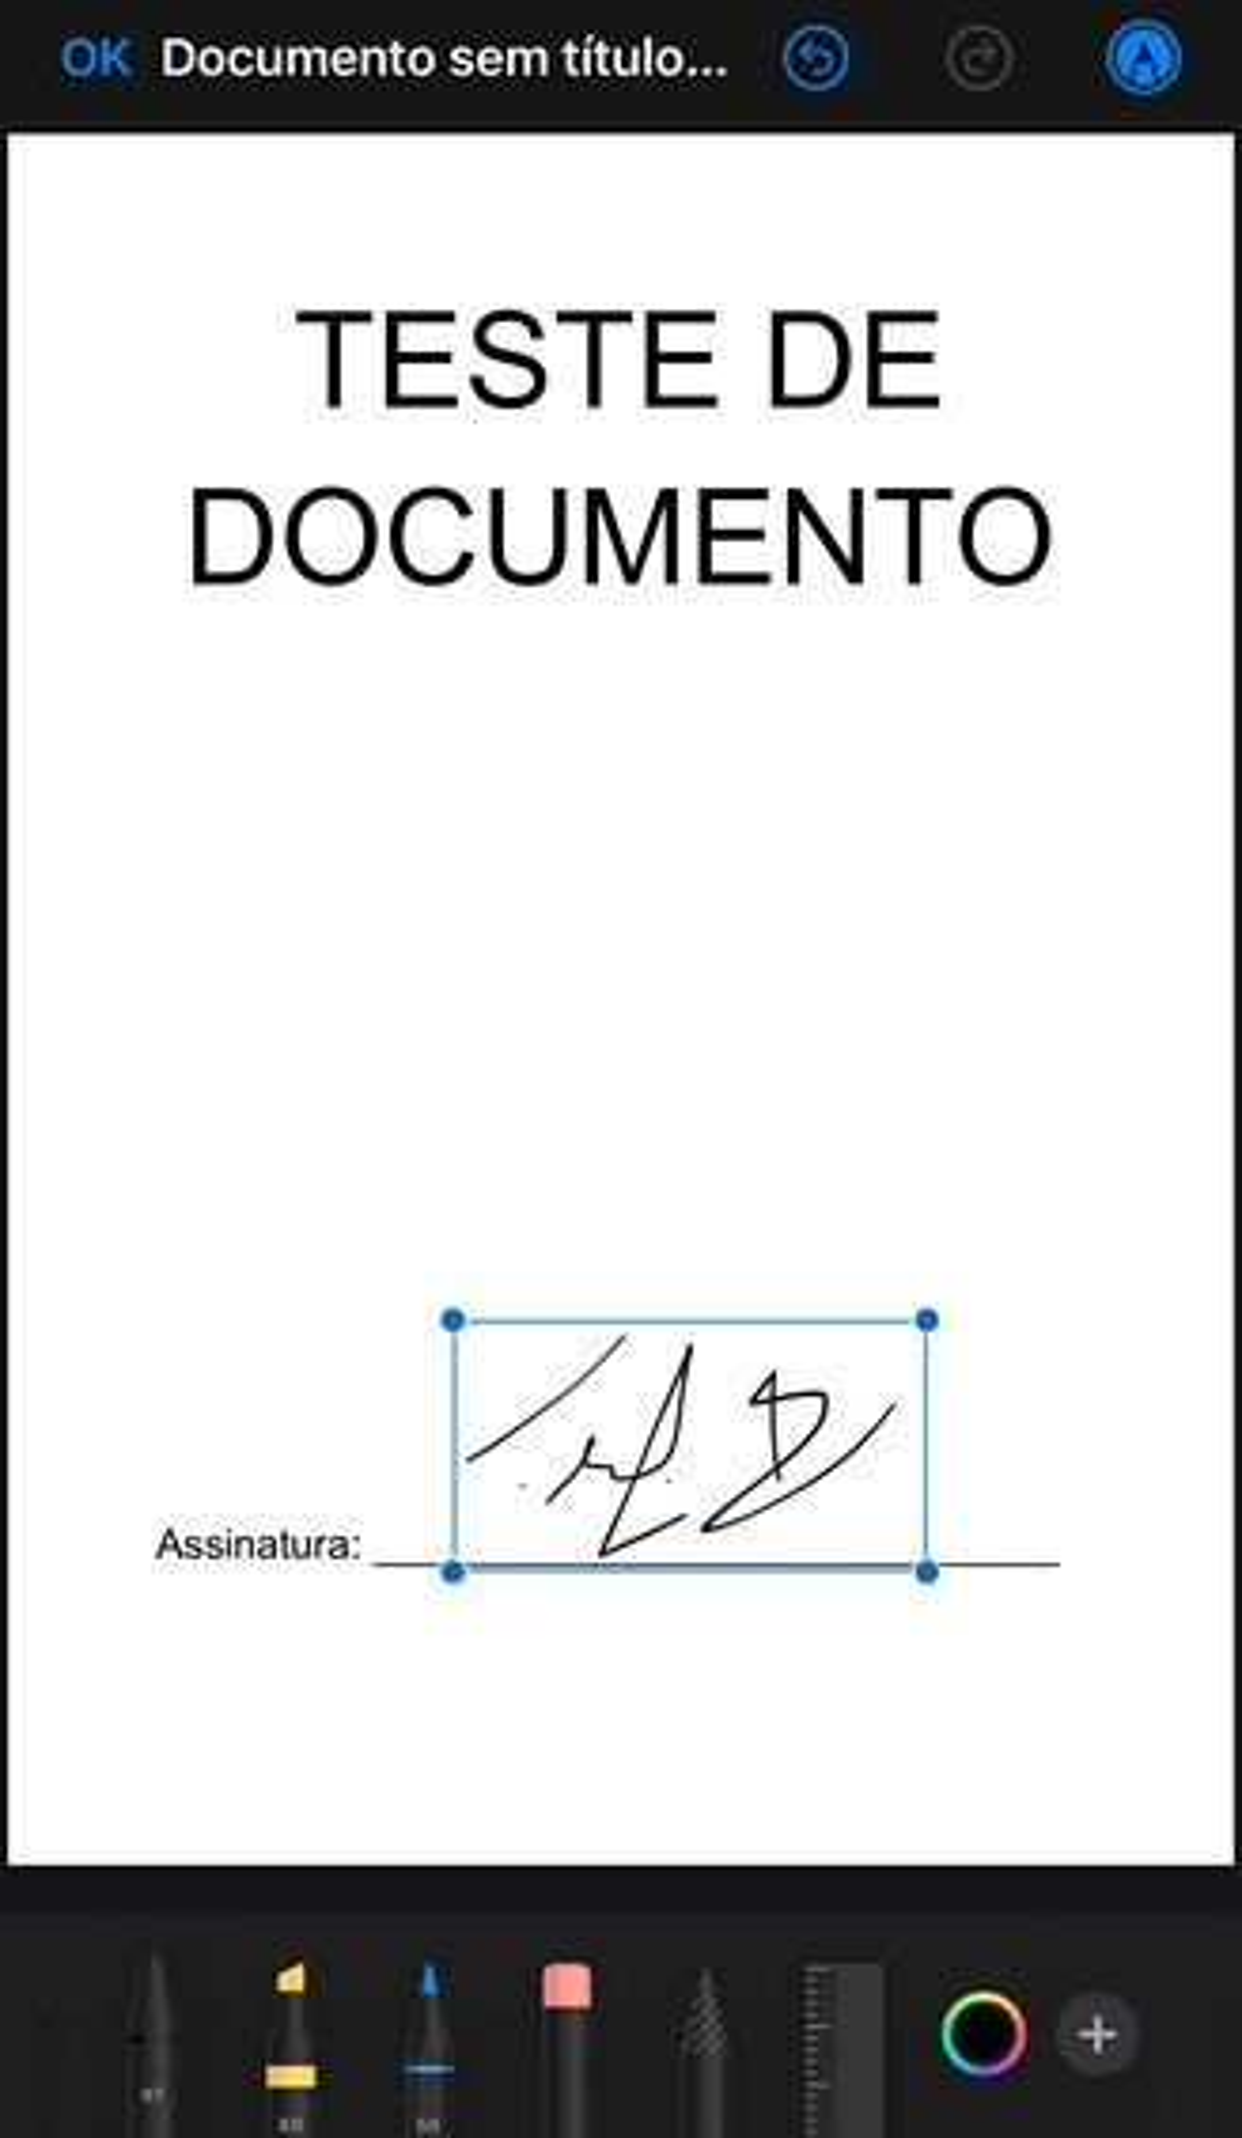 Ajuste a sua assinatura na tela para posiciona-la corretamente no documento